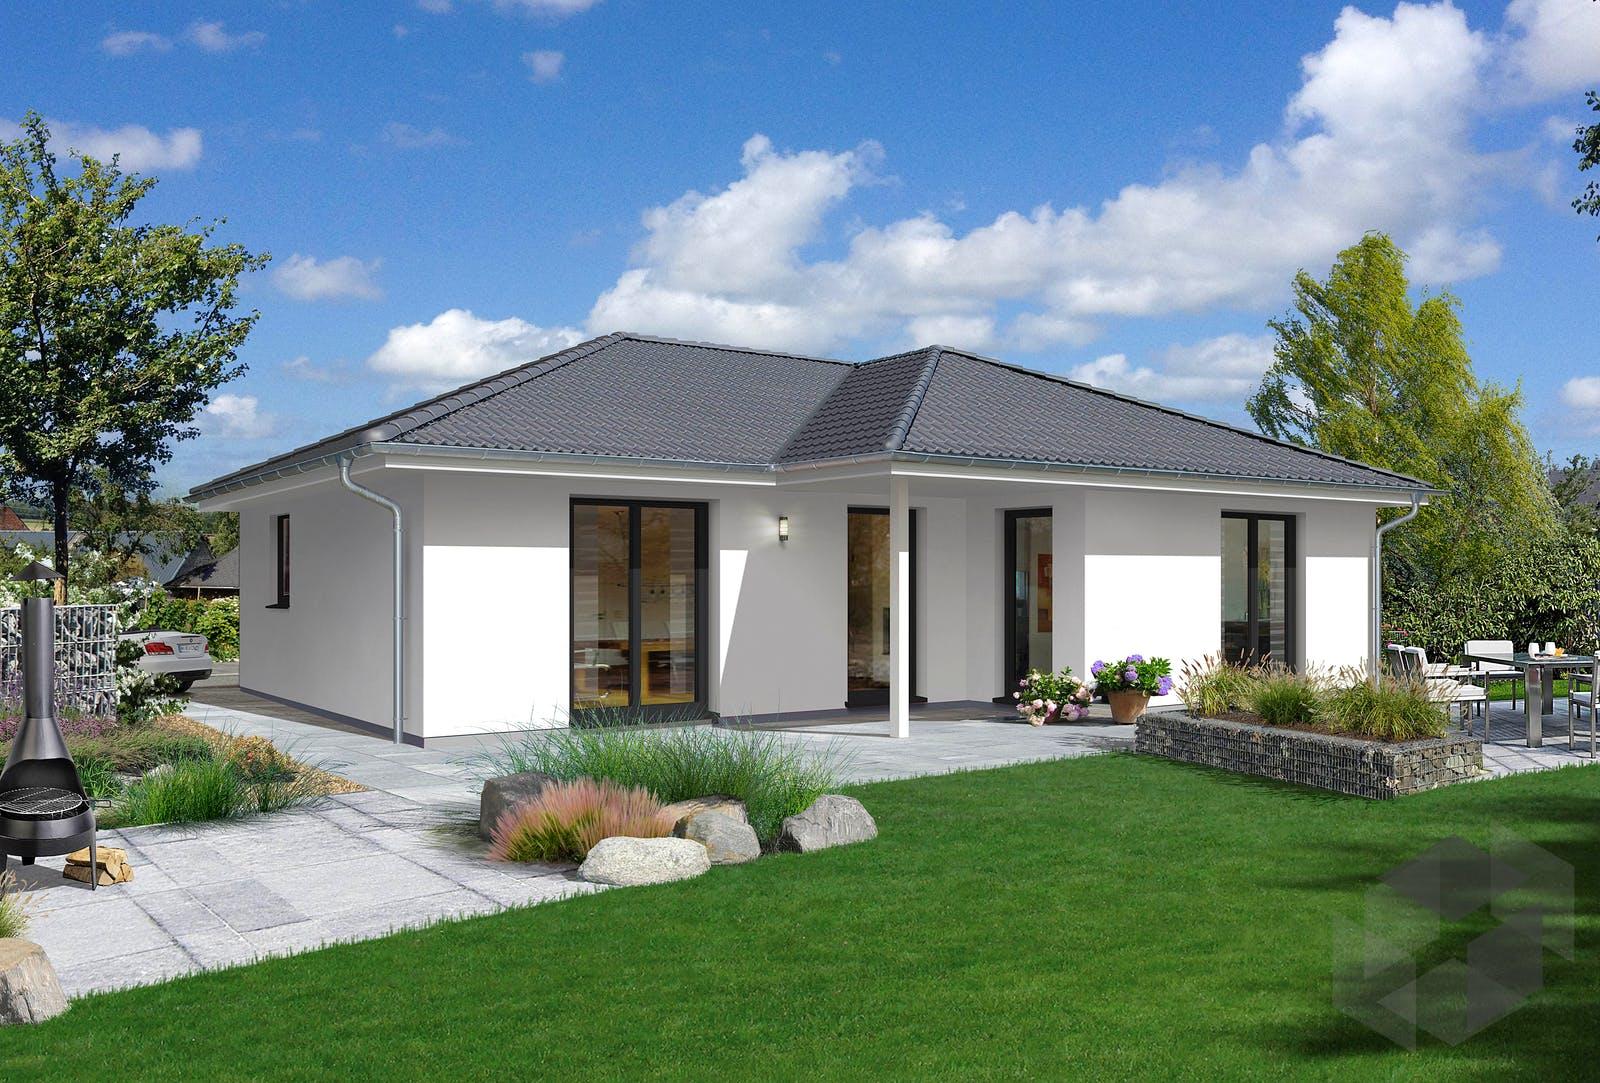 massivhaus winkelbungalow 108 von town country haus. Black Bedroom Furniture Sets. Home Design Ideas